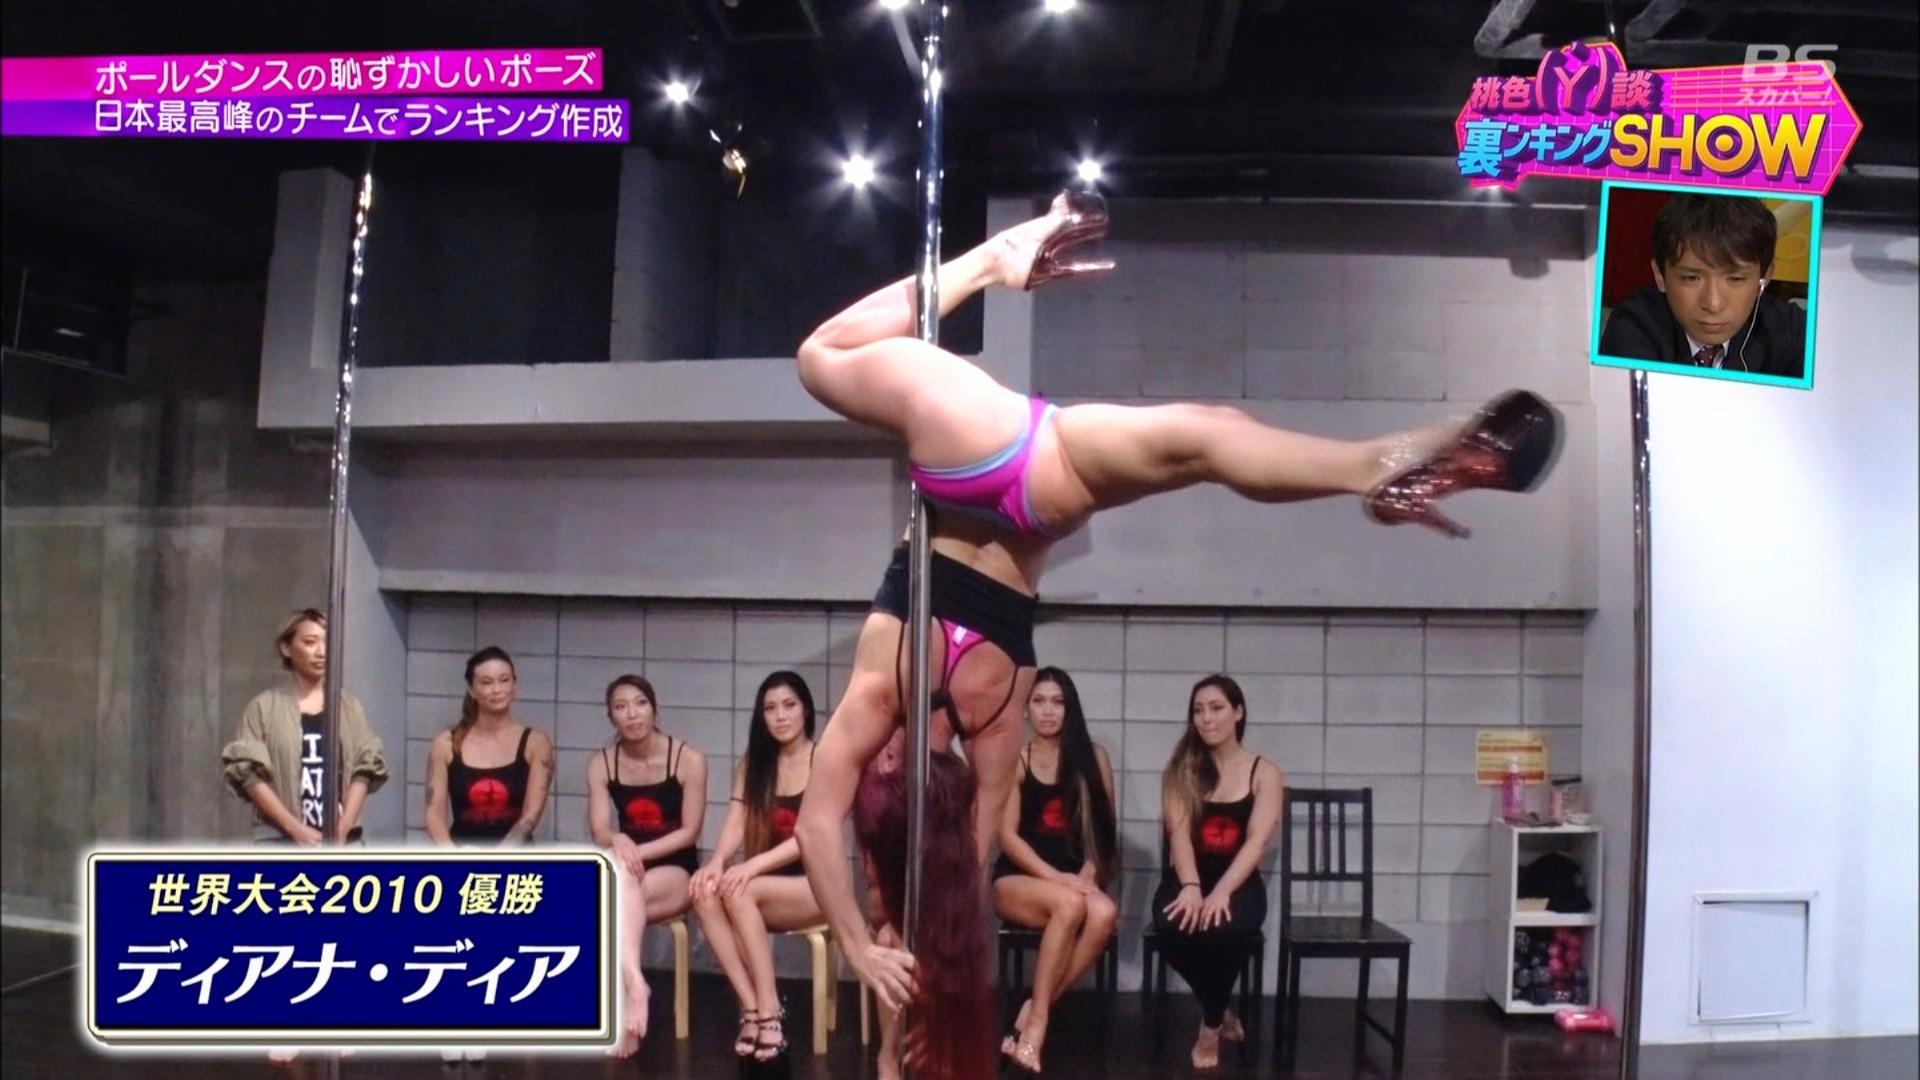 桃色Y談裏ンキングSHOW♯1のテレビキャプチャー画像-010